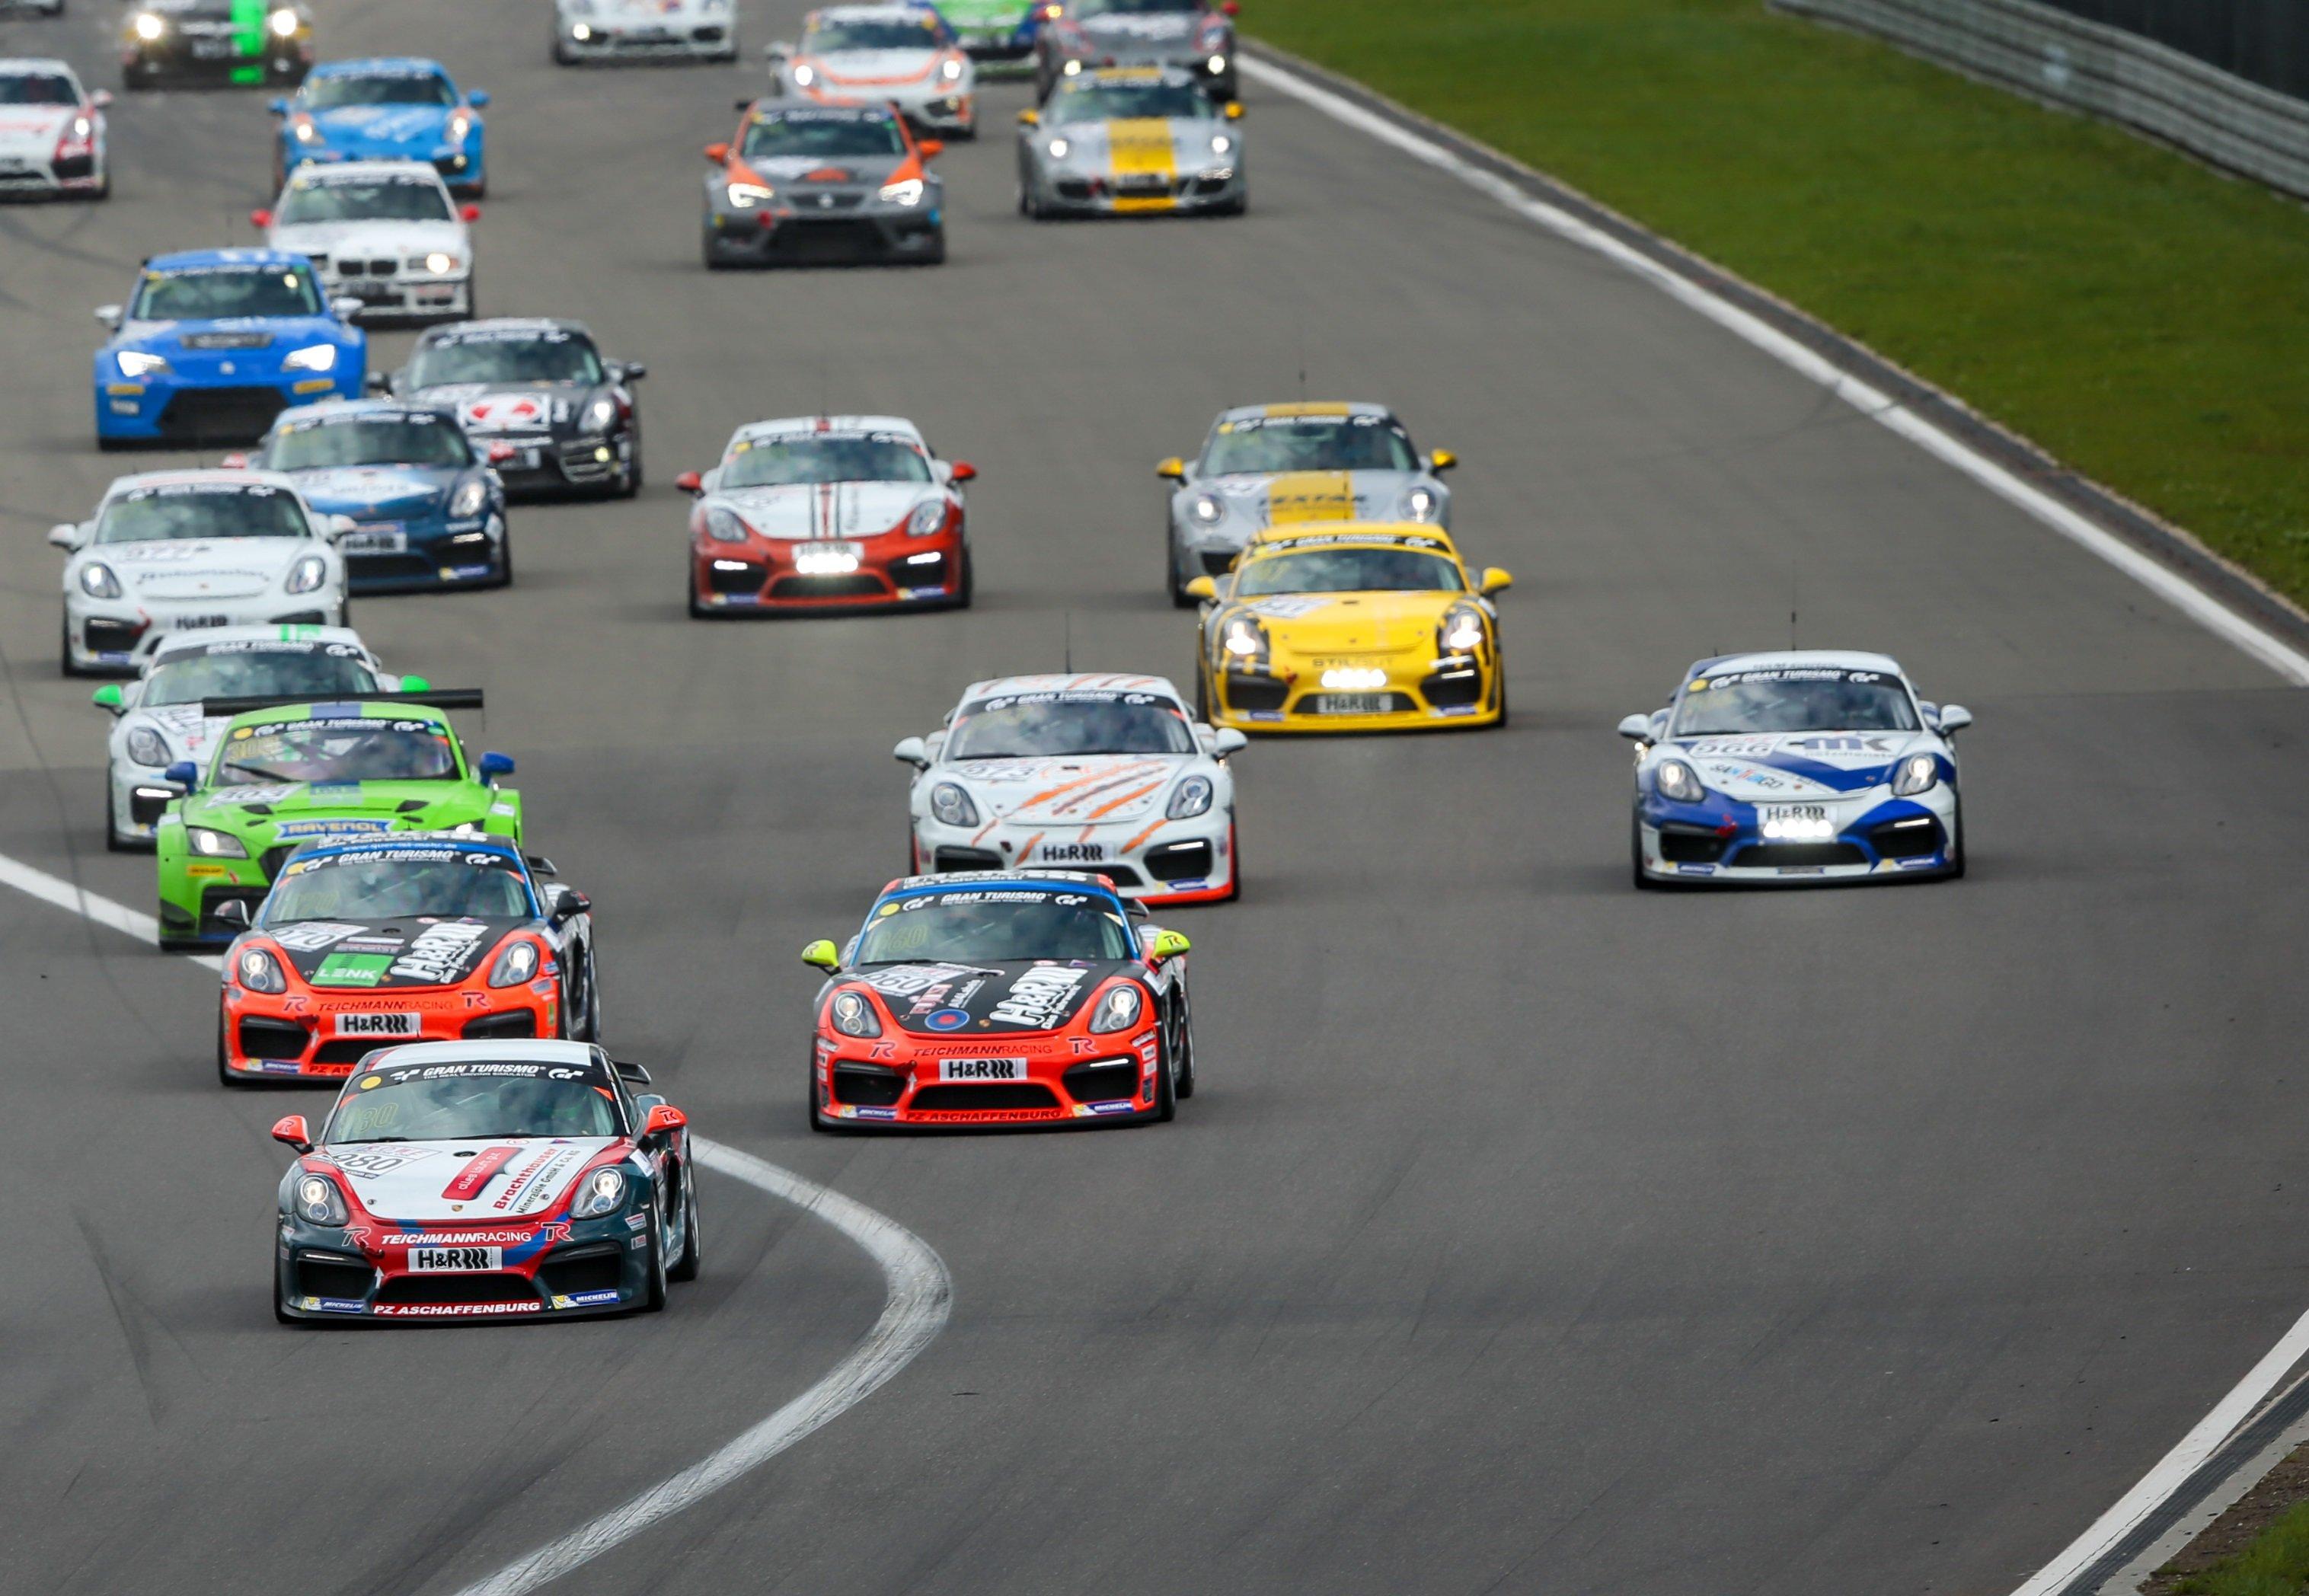 Doppel-Podium für Teichmann Racing